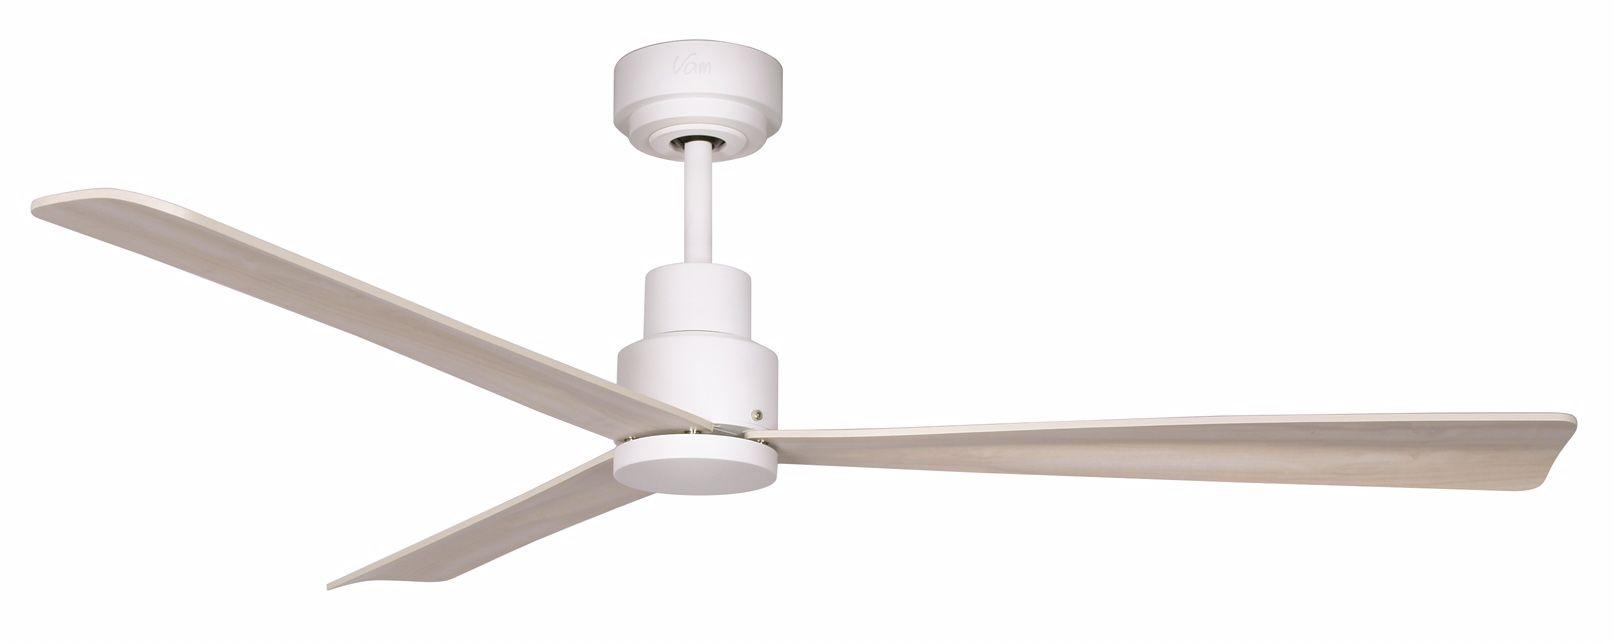 Pin Di Yvonne Meyns Su Ventilatori Da Soffitto Ventilatori A Soffitto Soffitto